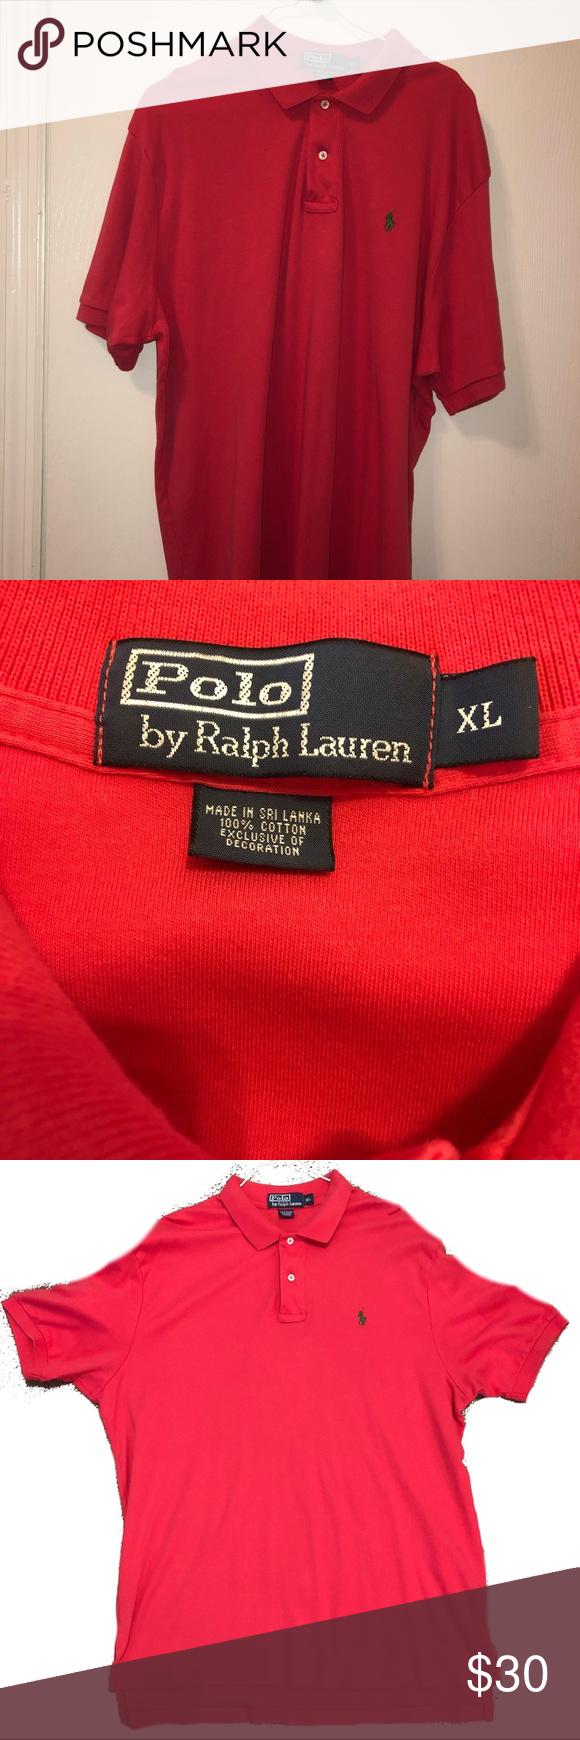 Aeropostale Men S Plain Polo Shirts With Logo Plain Polo Shirts Polo Shirt Aeropostale Men